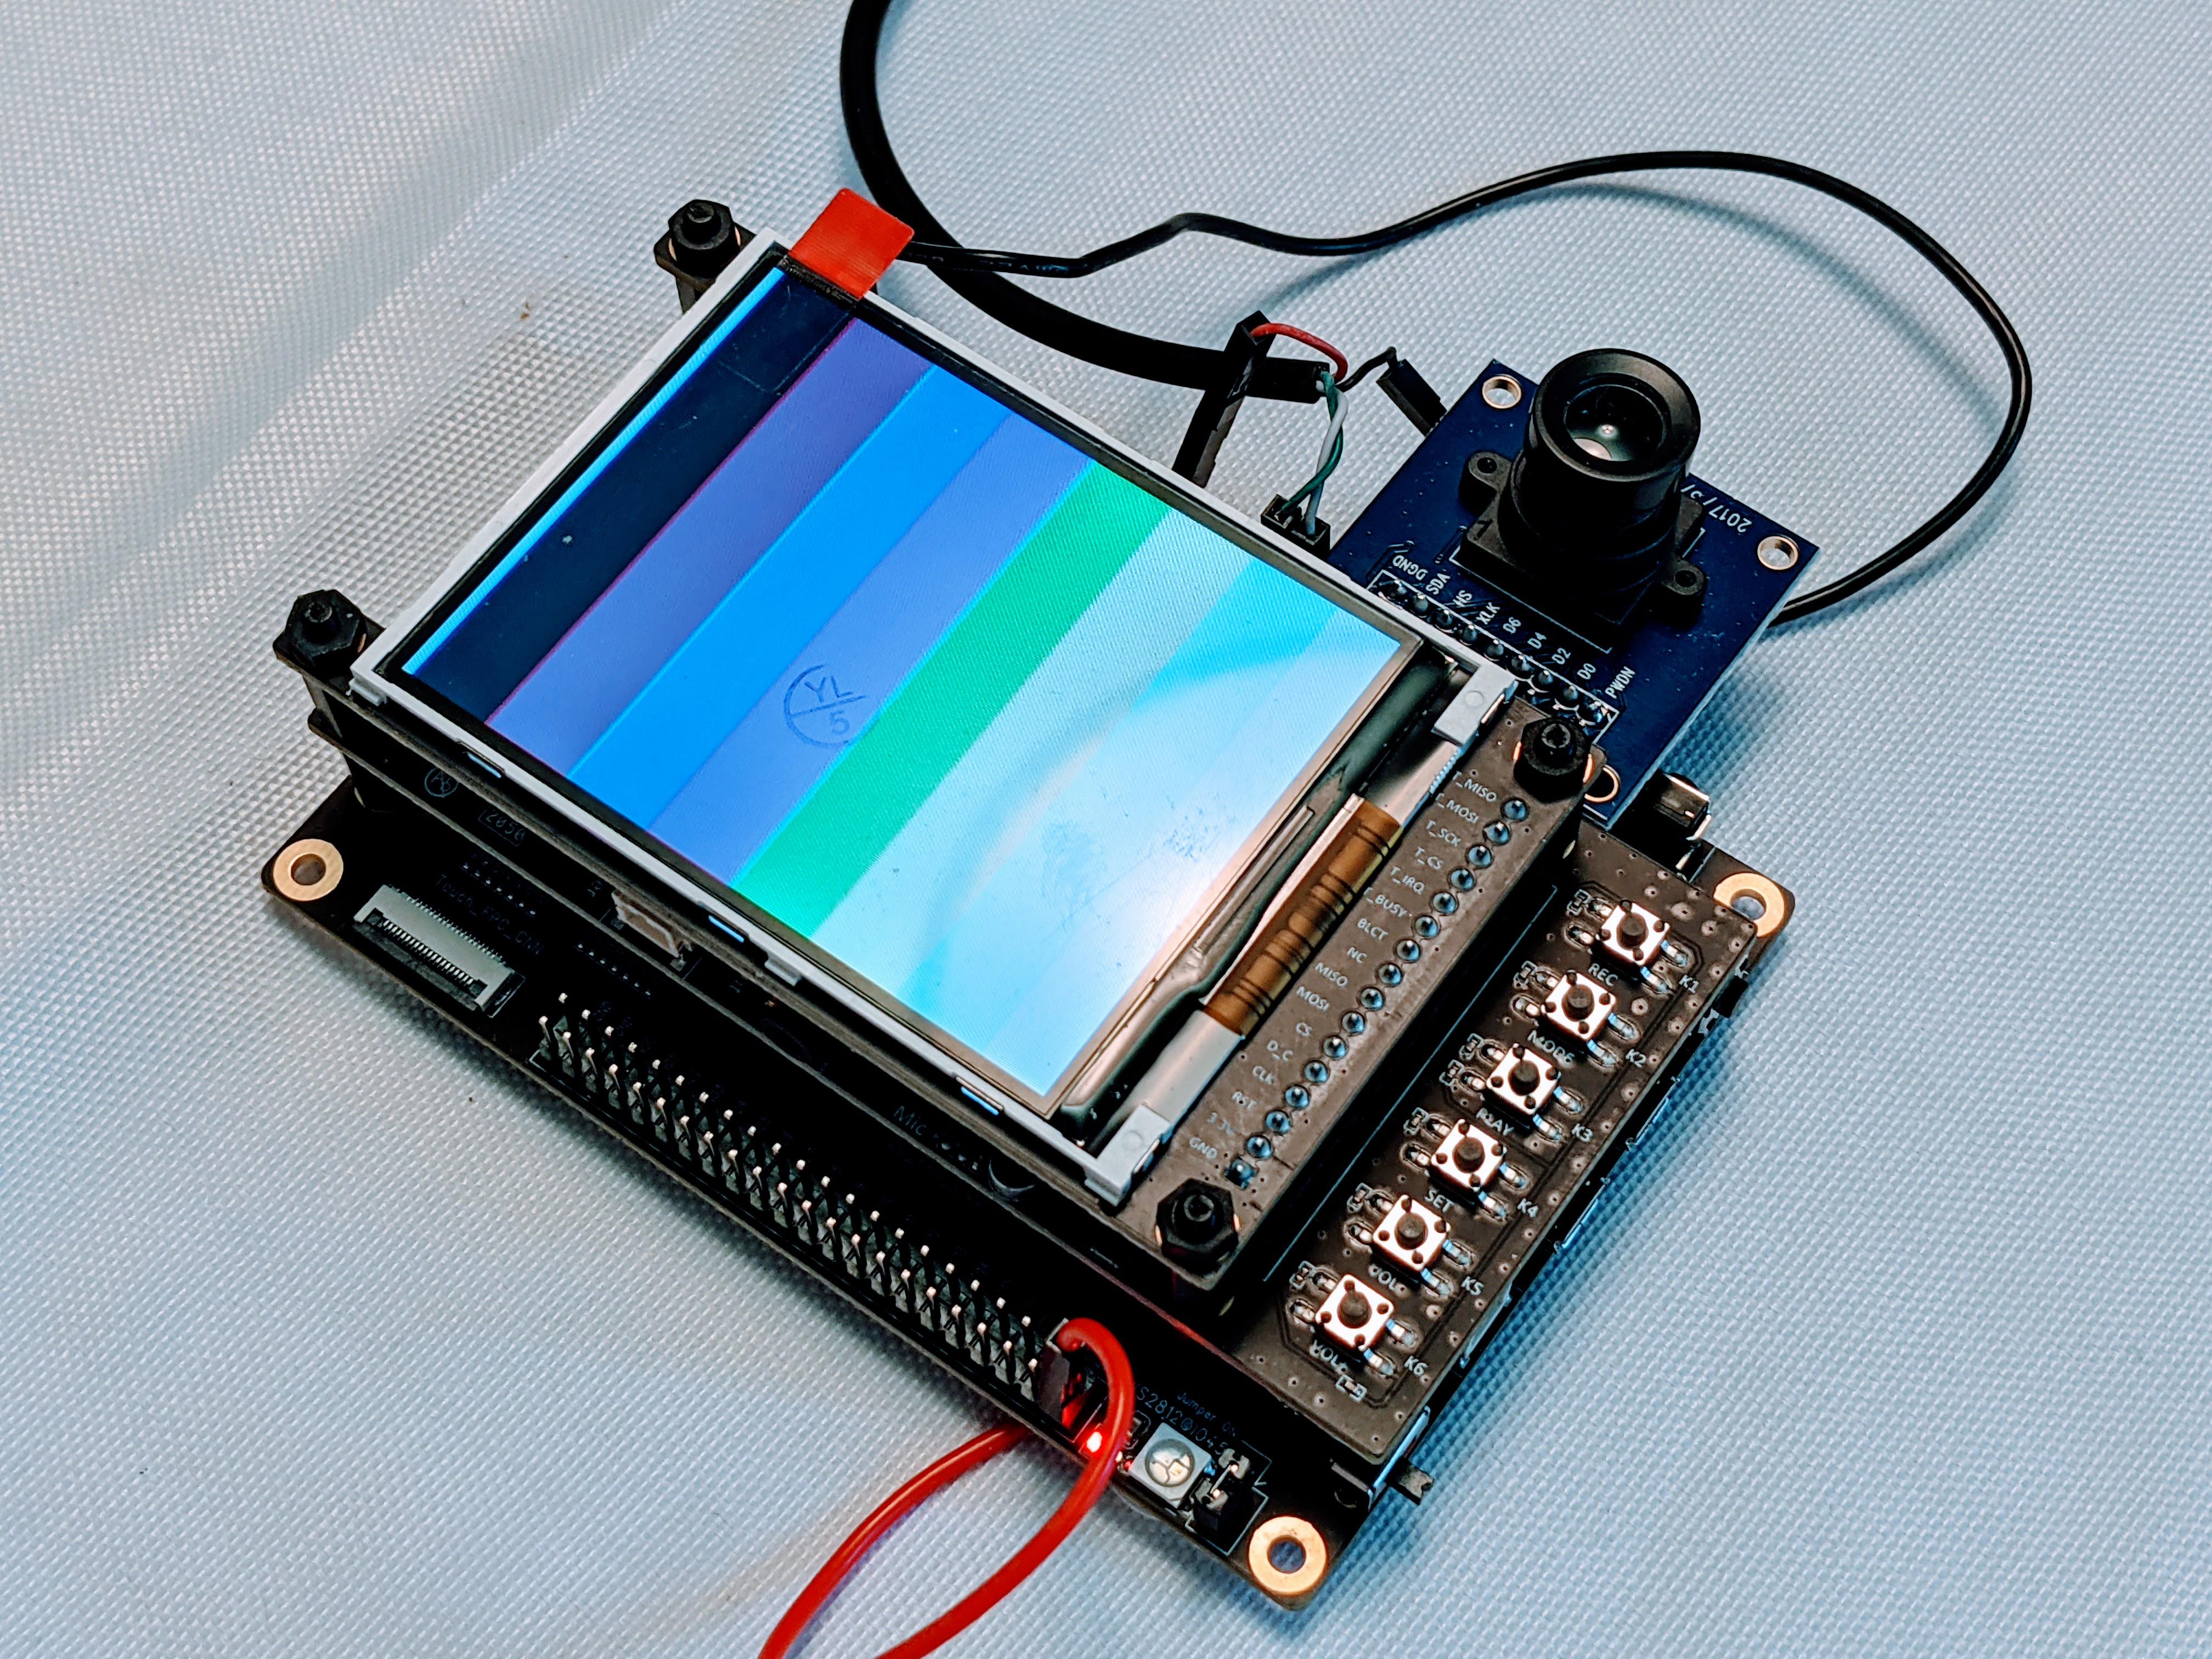 sensors_PXL_20210628_152253993.jpg